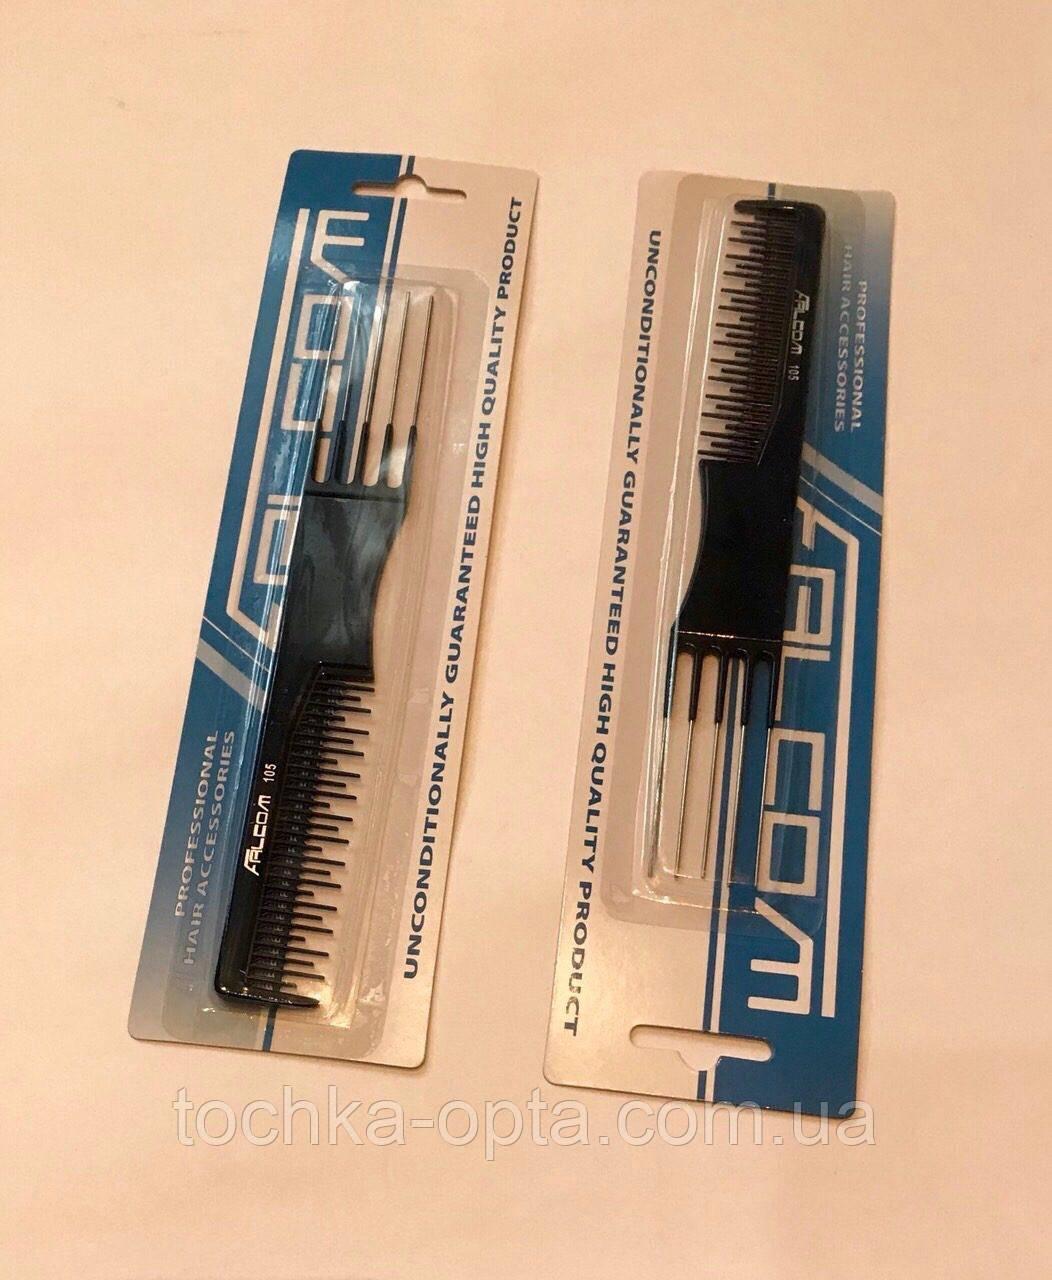 Расчёска Falcom 105 для начёса с пятью концами